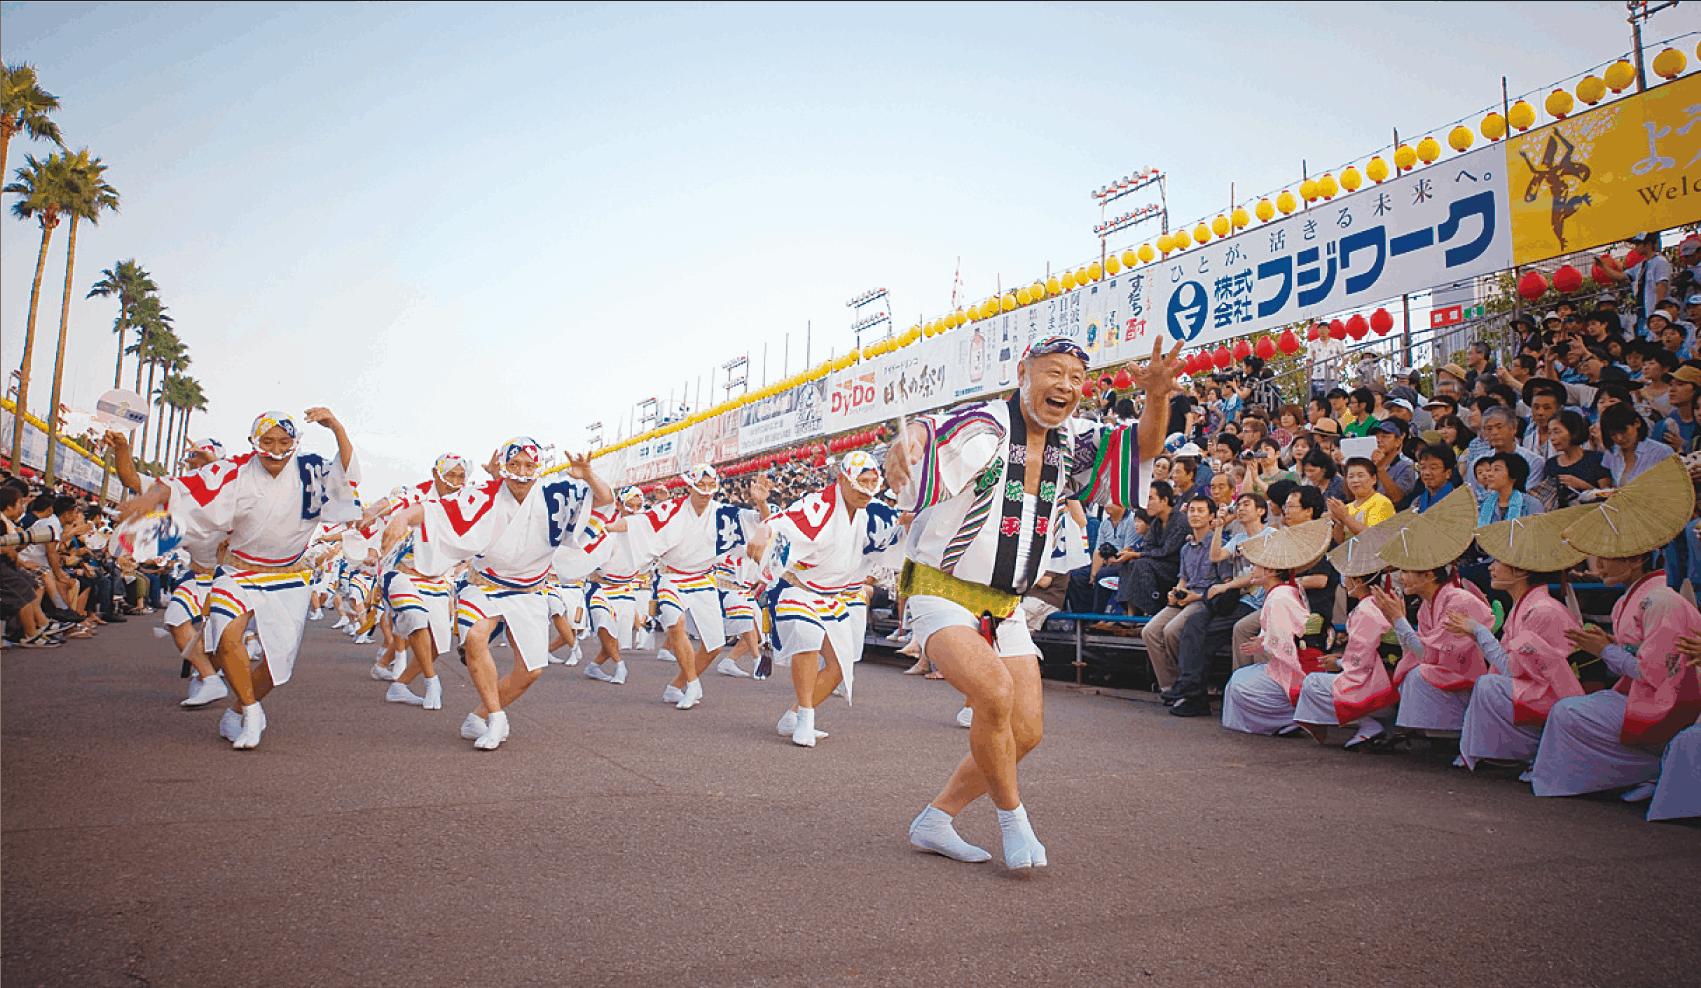 เทศกาลอะวาโอโดริ (Awaodori : 阿波おどり) โทคุชิมะ